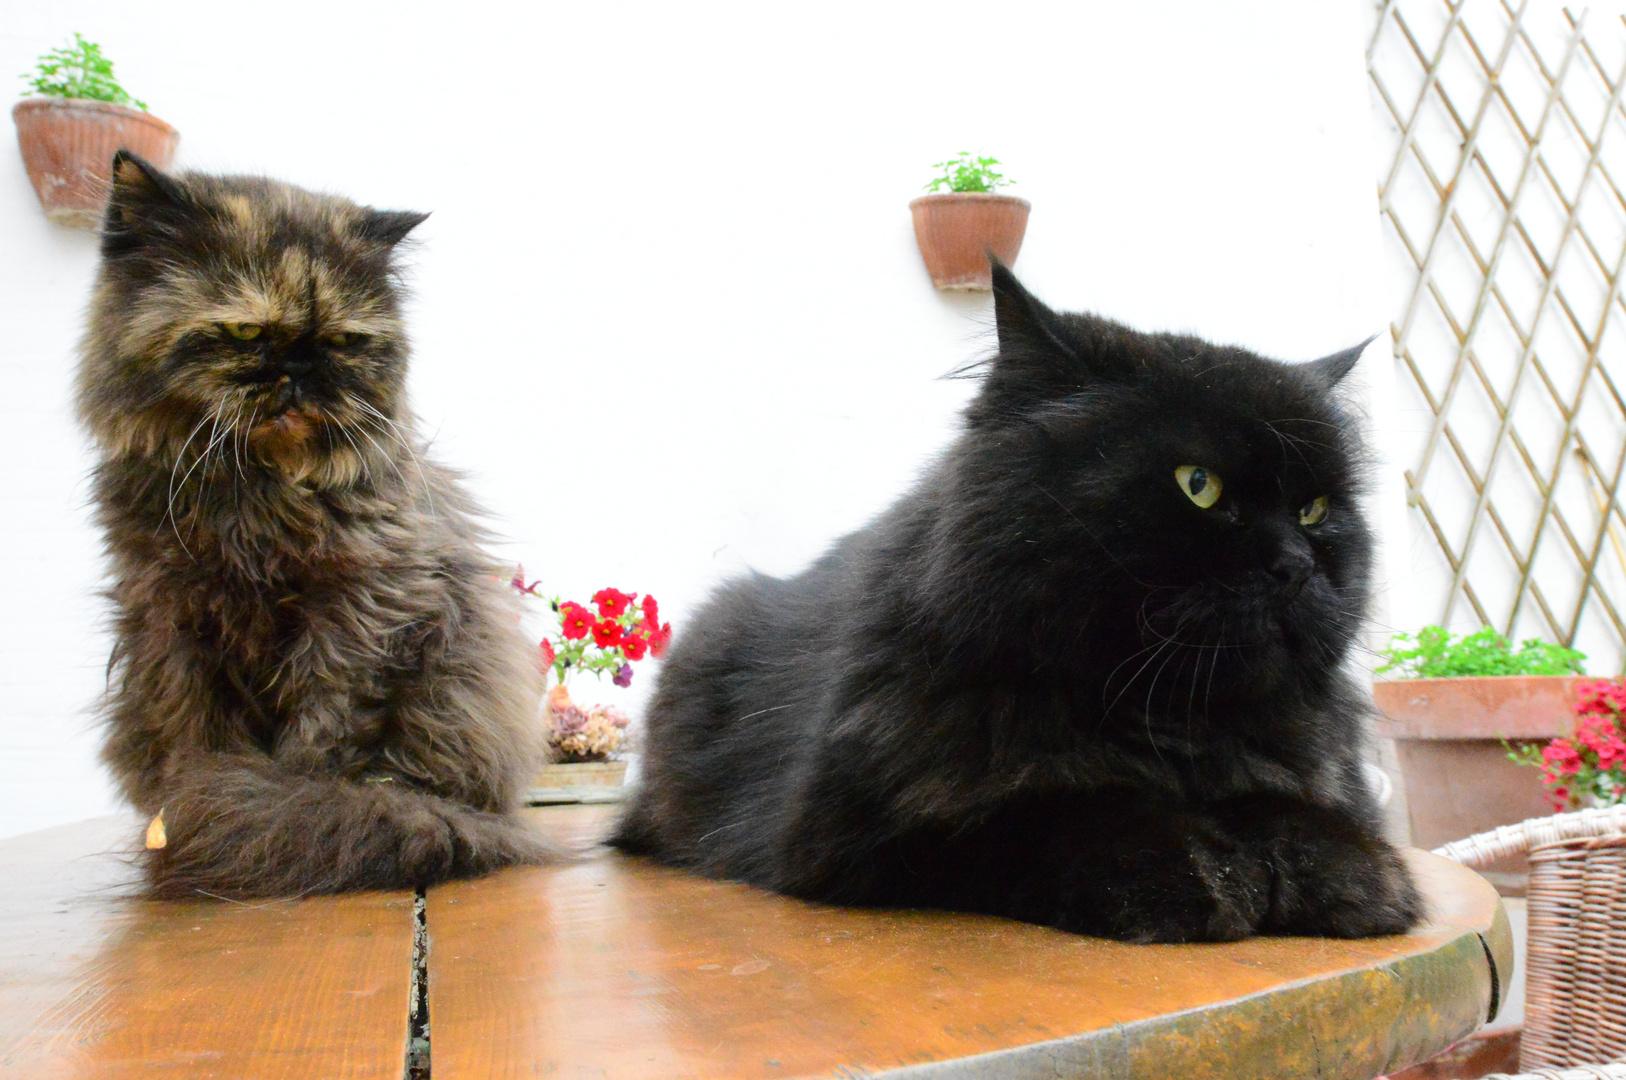 Rudi & Lilly